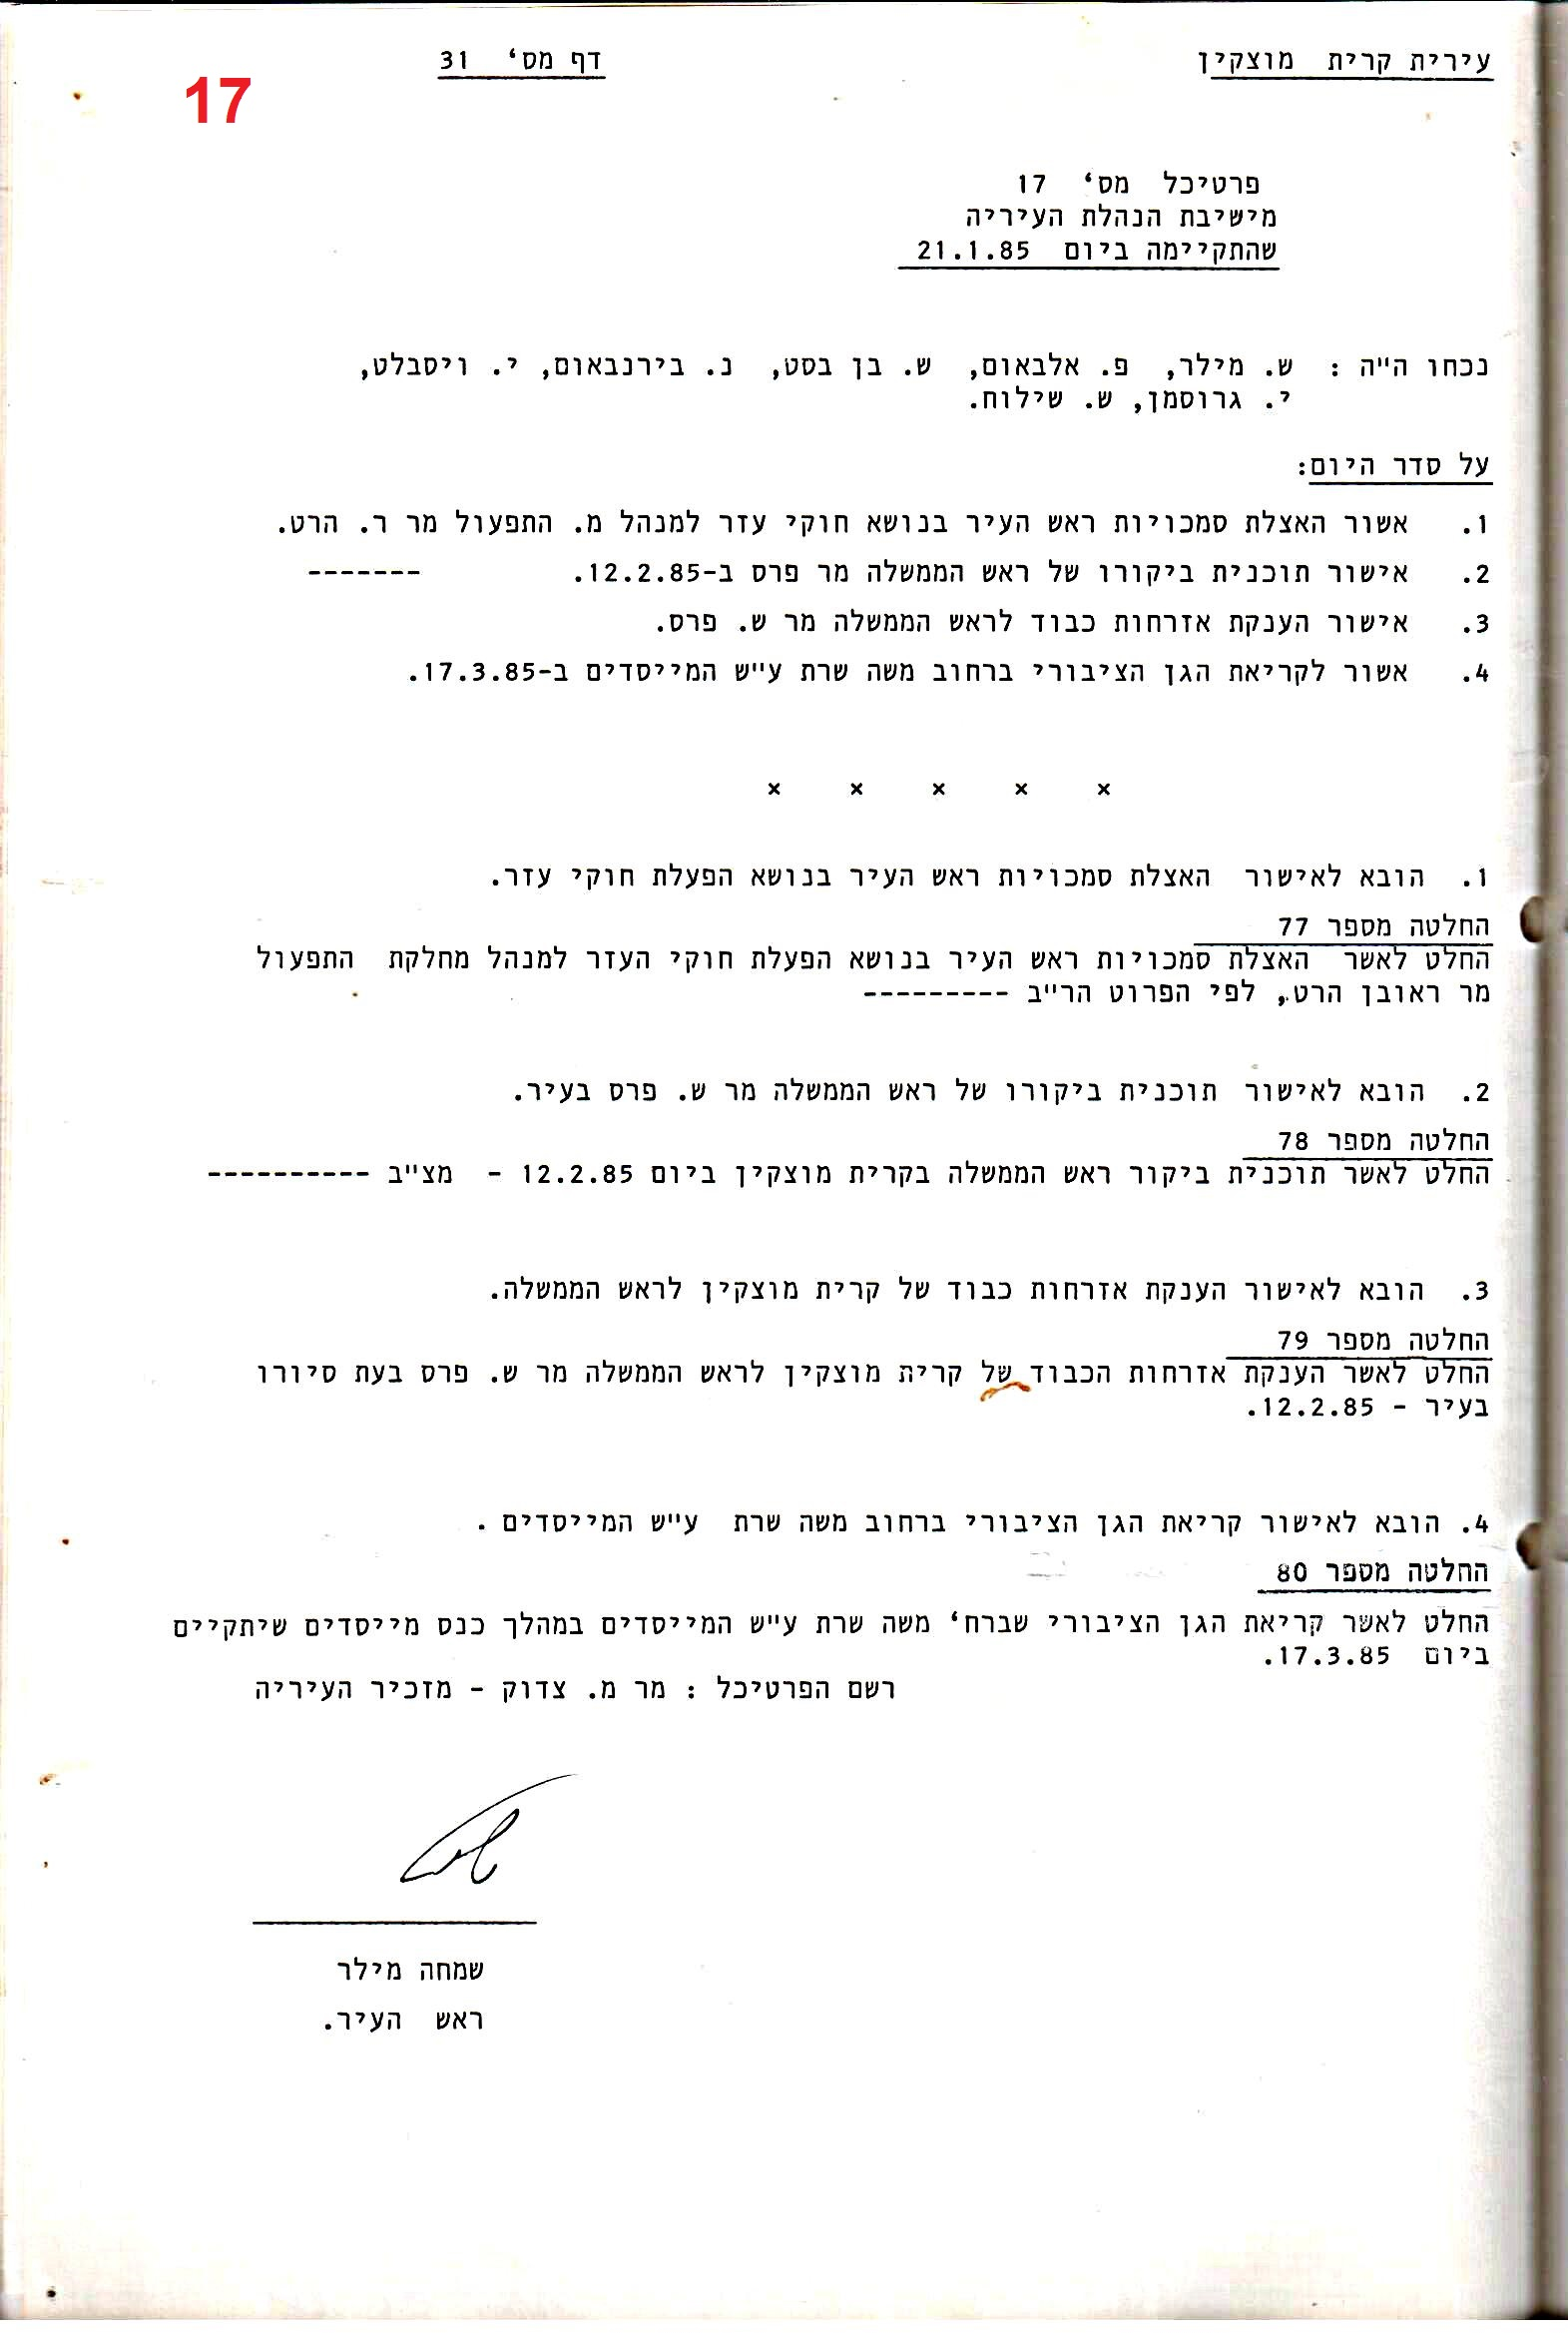 פרוטוקולים 16 – הנהלה – 18.3.87 – 26.12.83 by riki deri - Illustrated by  מוזיאון בית גרושקביץ / כרך 16 - Ourboox.com